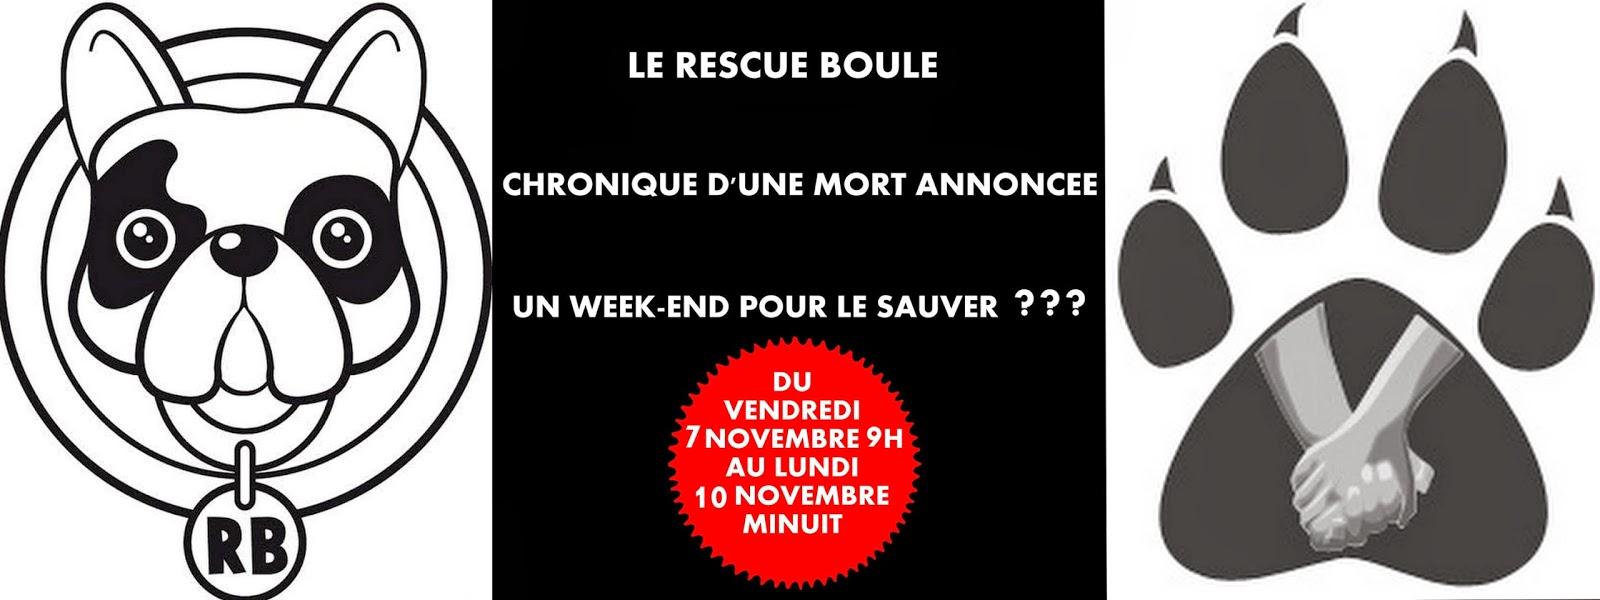 URGENT : SAUVER  RESCUE BOULE !